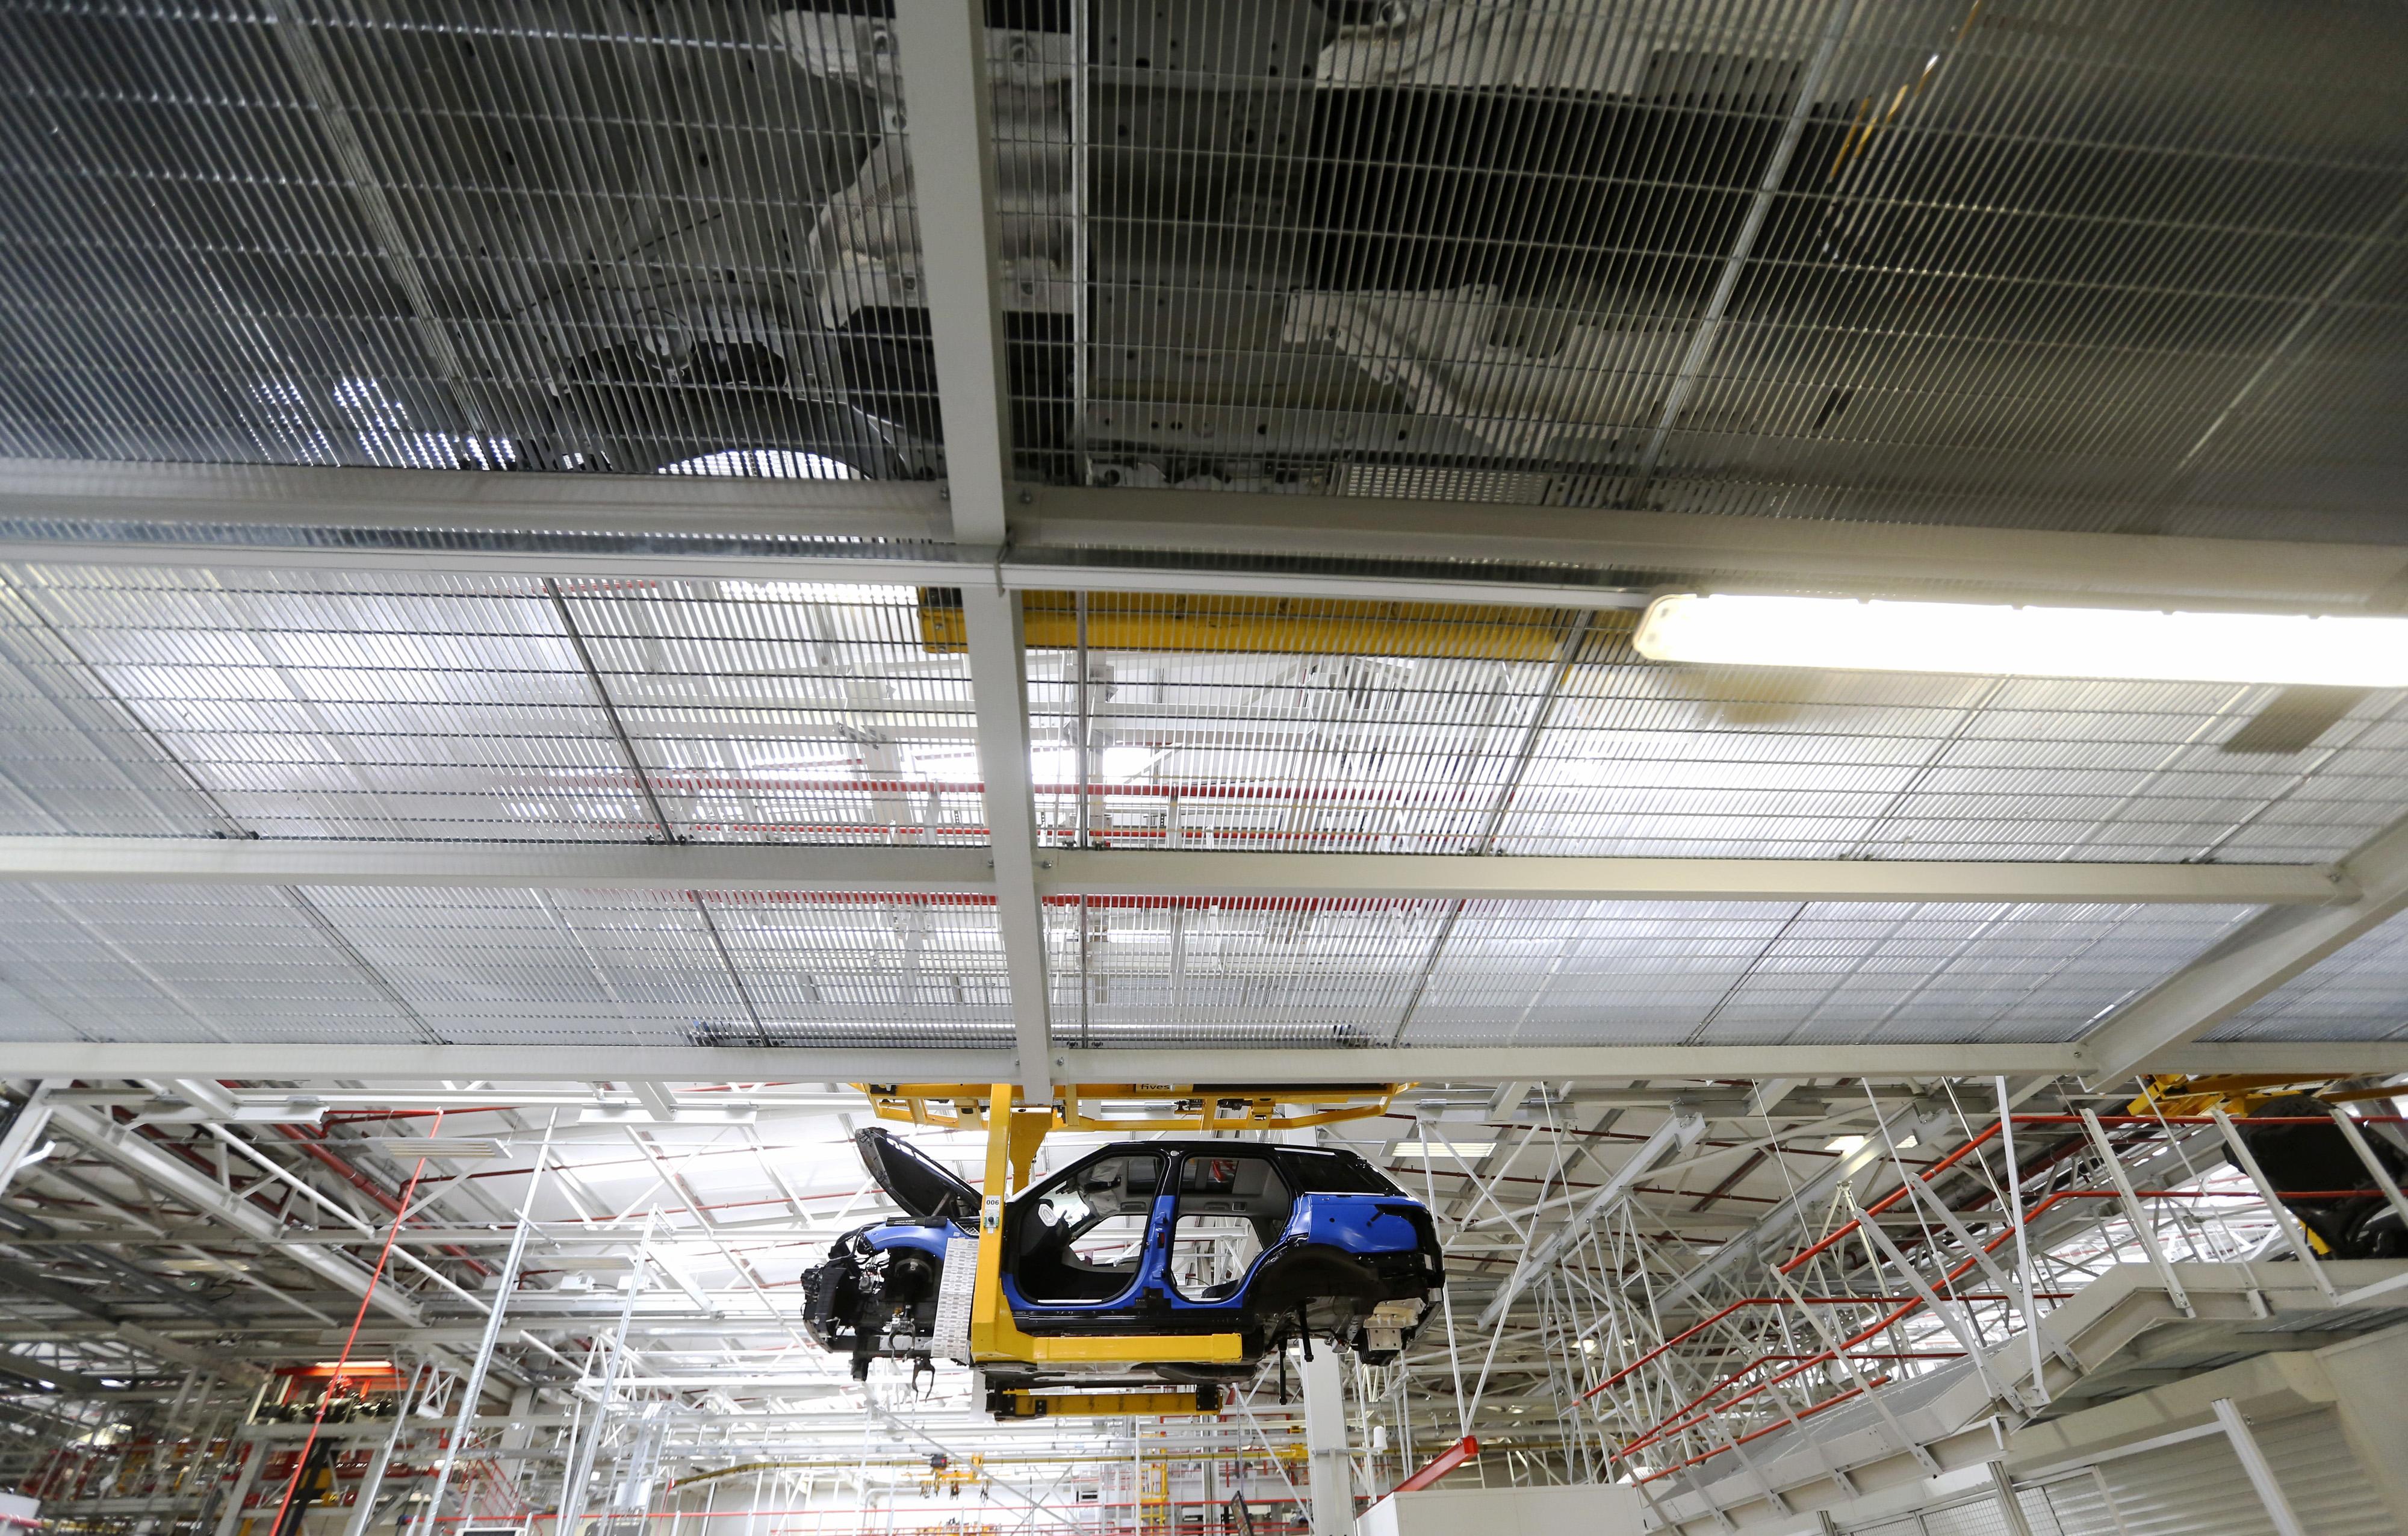 U.K. Range Rover Production Line At Jaguar Land Rover Plant